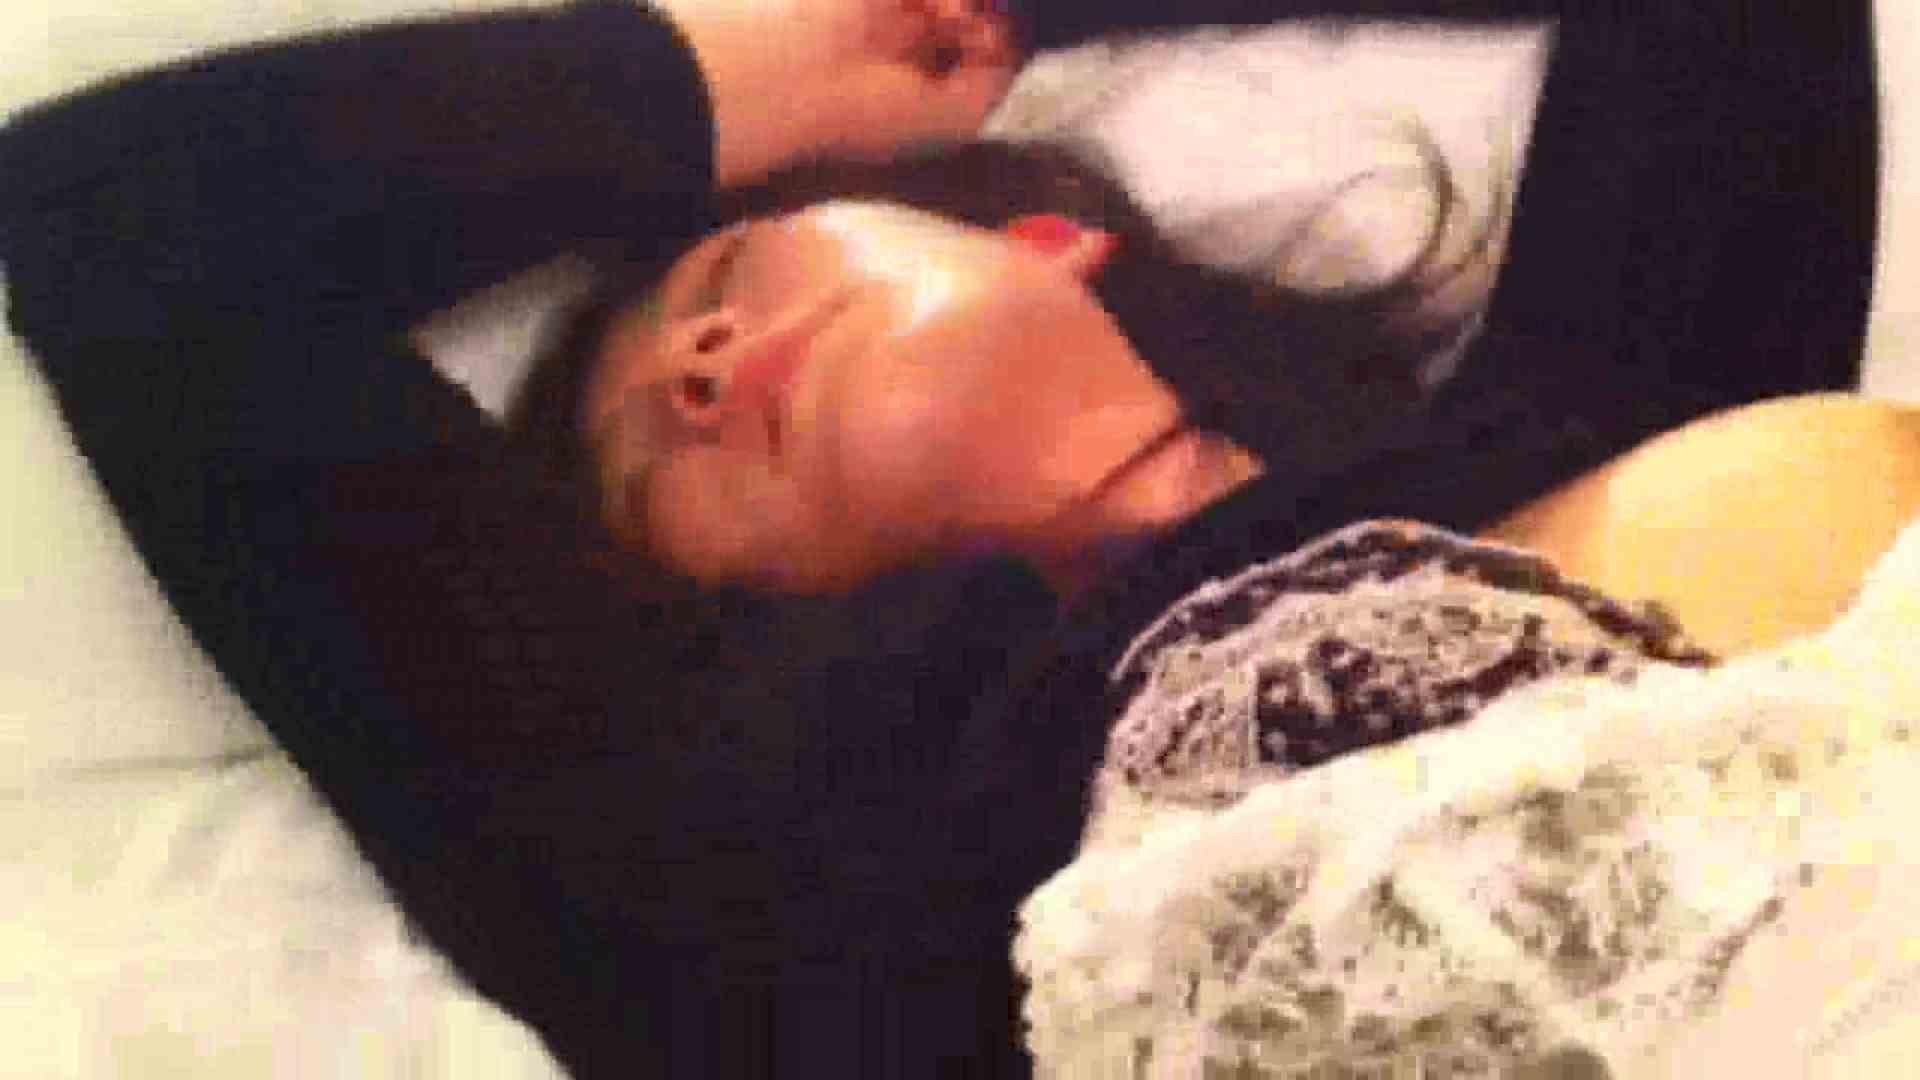 泥酔同級生セックスフレンドさゆりVol.1 セックス流出映像 アダルト動画キャプチャ 89連発 37